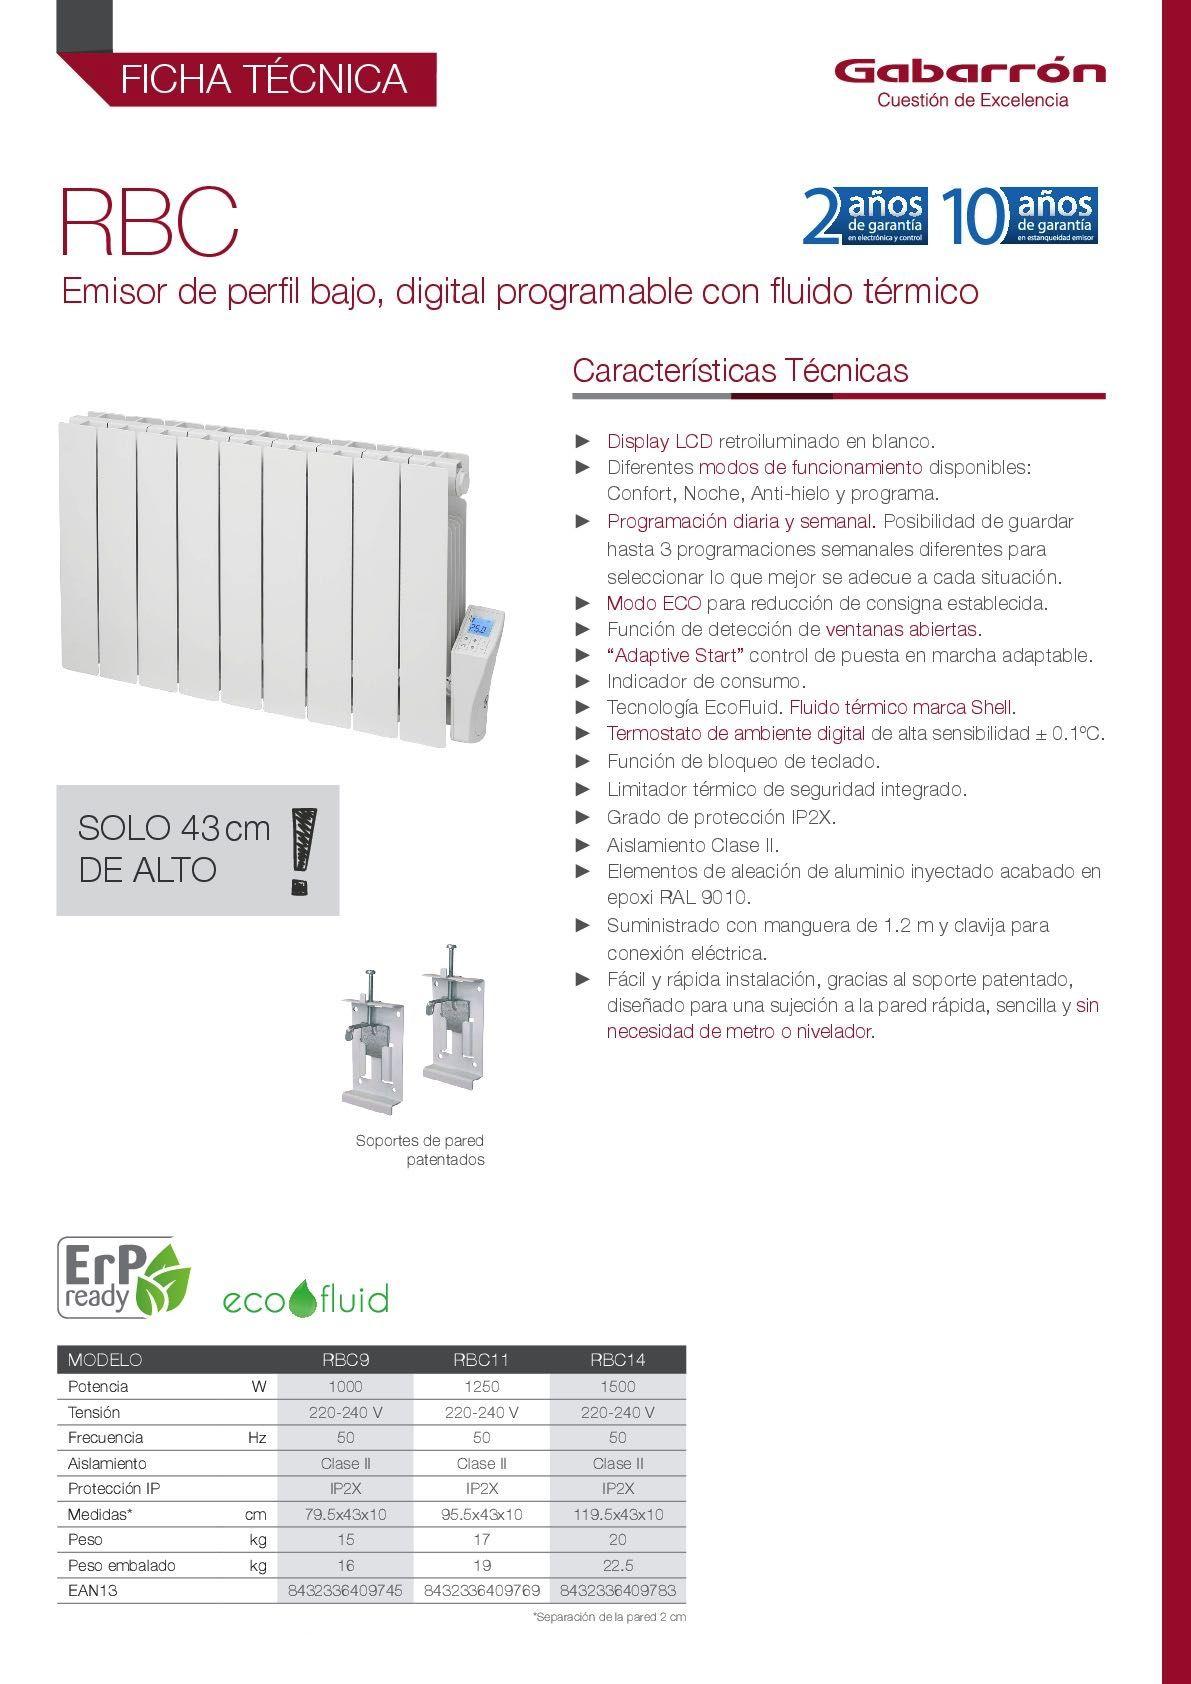 Emisor Térmico Gabarrón RBC